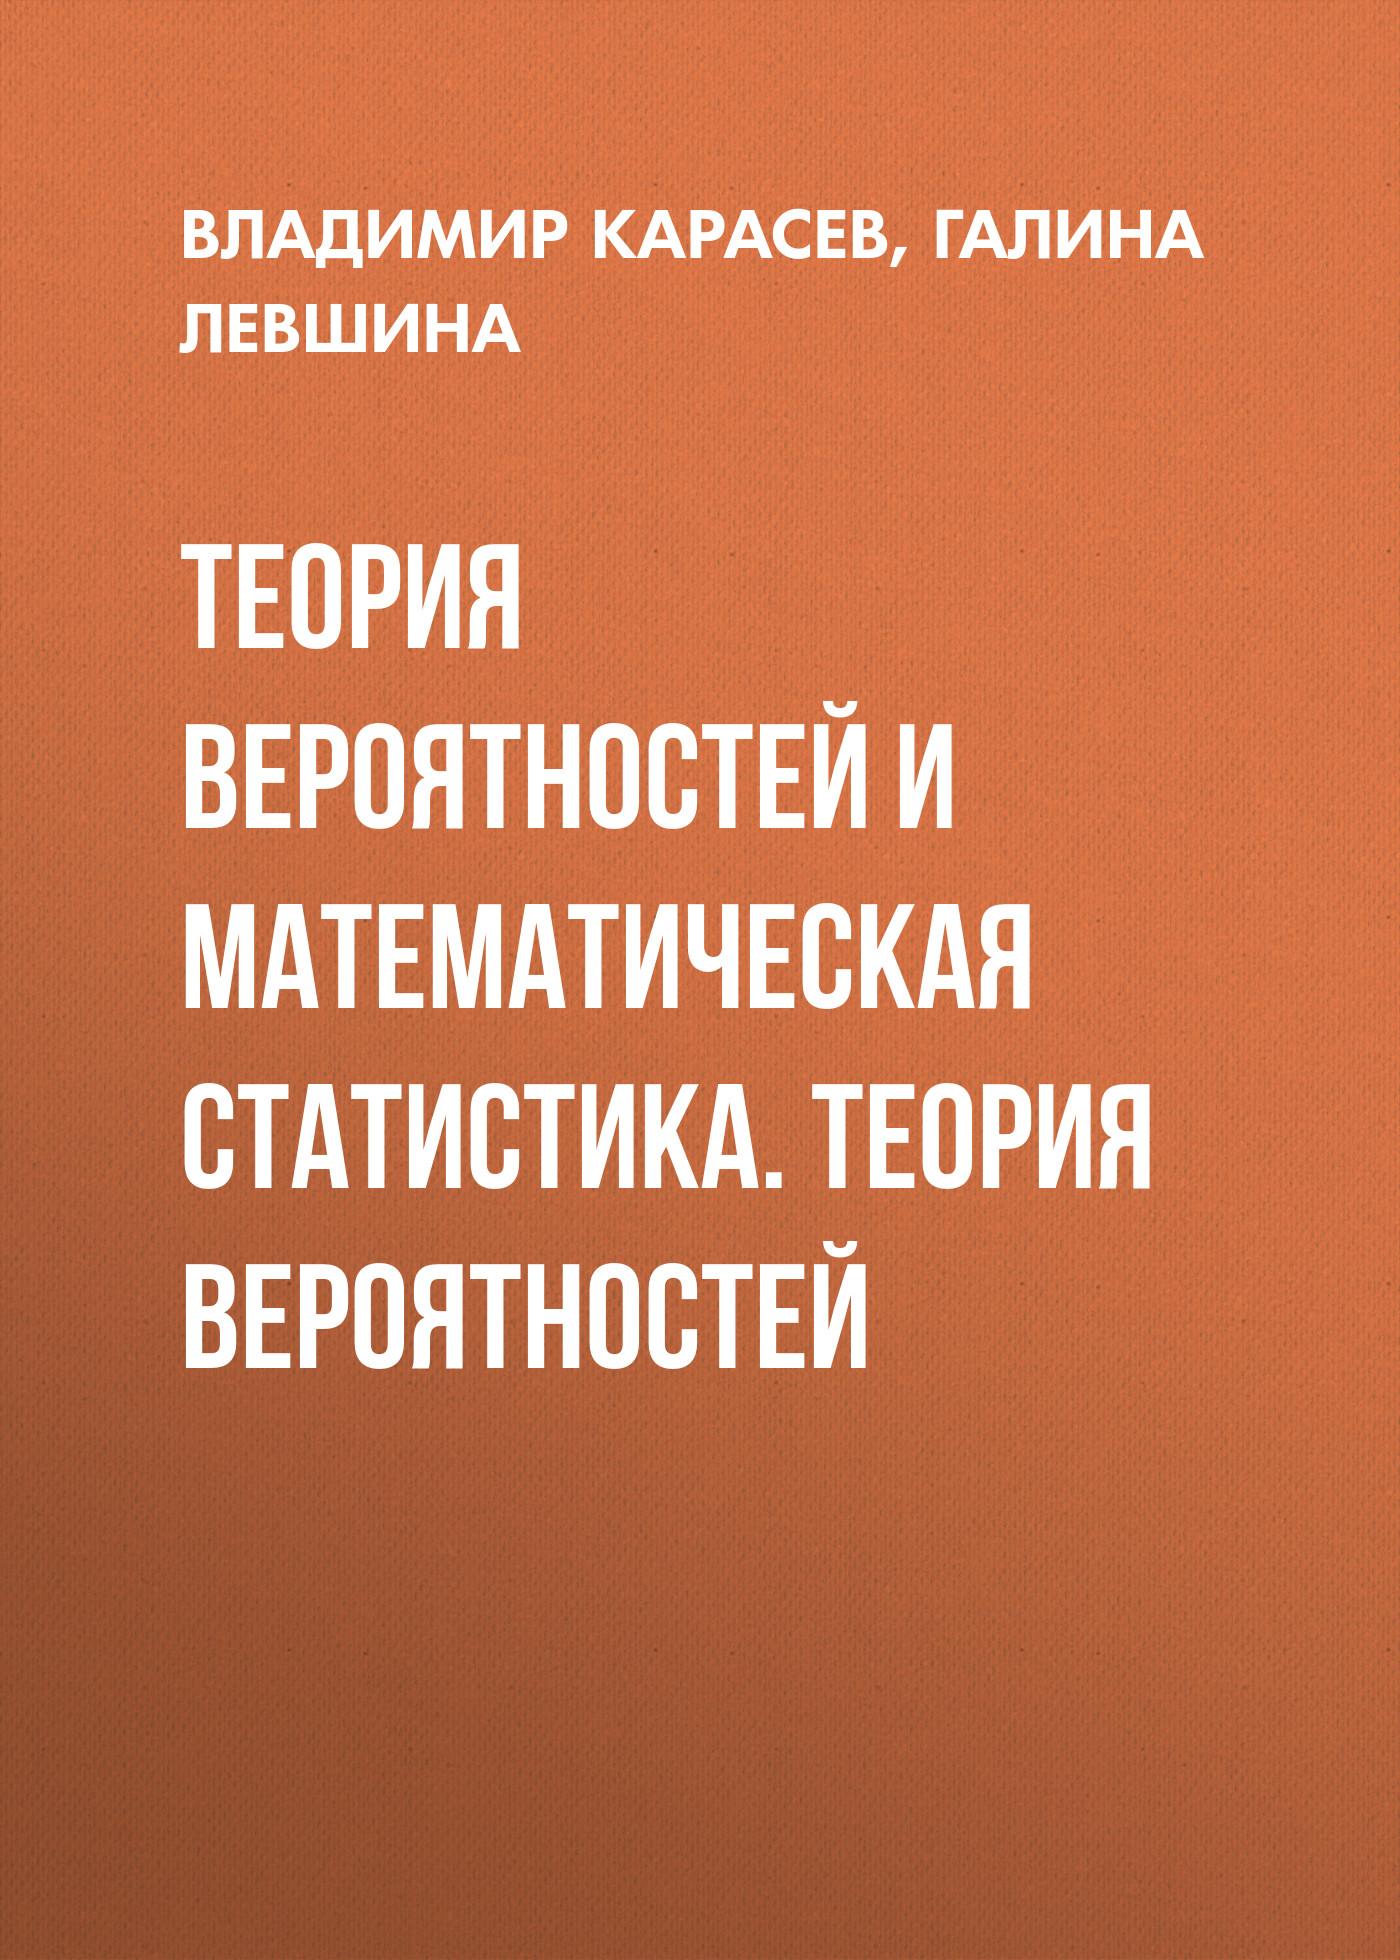 В. А. Карасев Теория вероятностей и математическая статистика. Теория вероятностей н с никитина высшая алгебра теория и решения типовых задач isbn 978 5 9228 1848 3